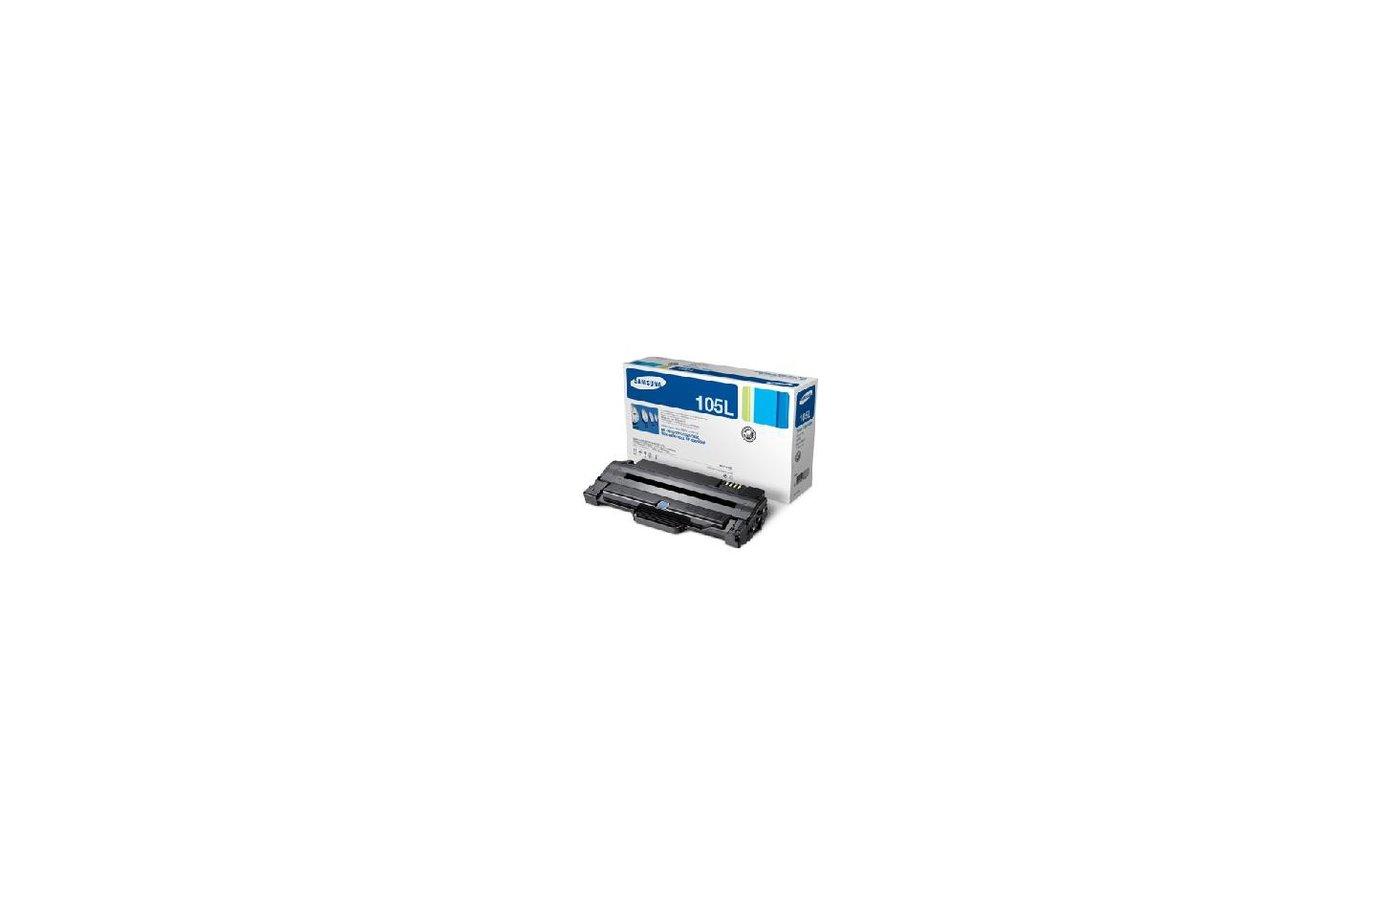 Картридж лазерный Samsung Samsung MLT-D105L черный для ML-1910/1950/SCX-4600/4623 (2500стр.)